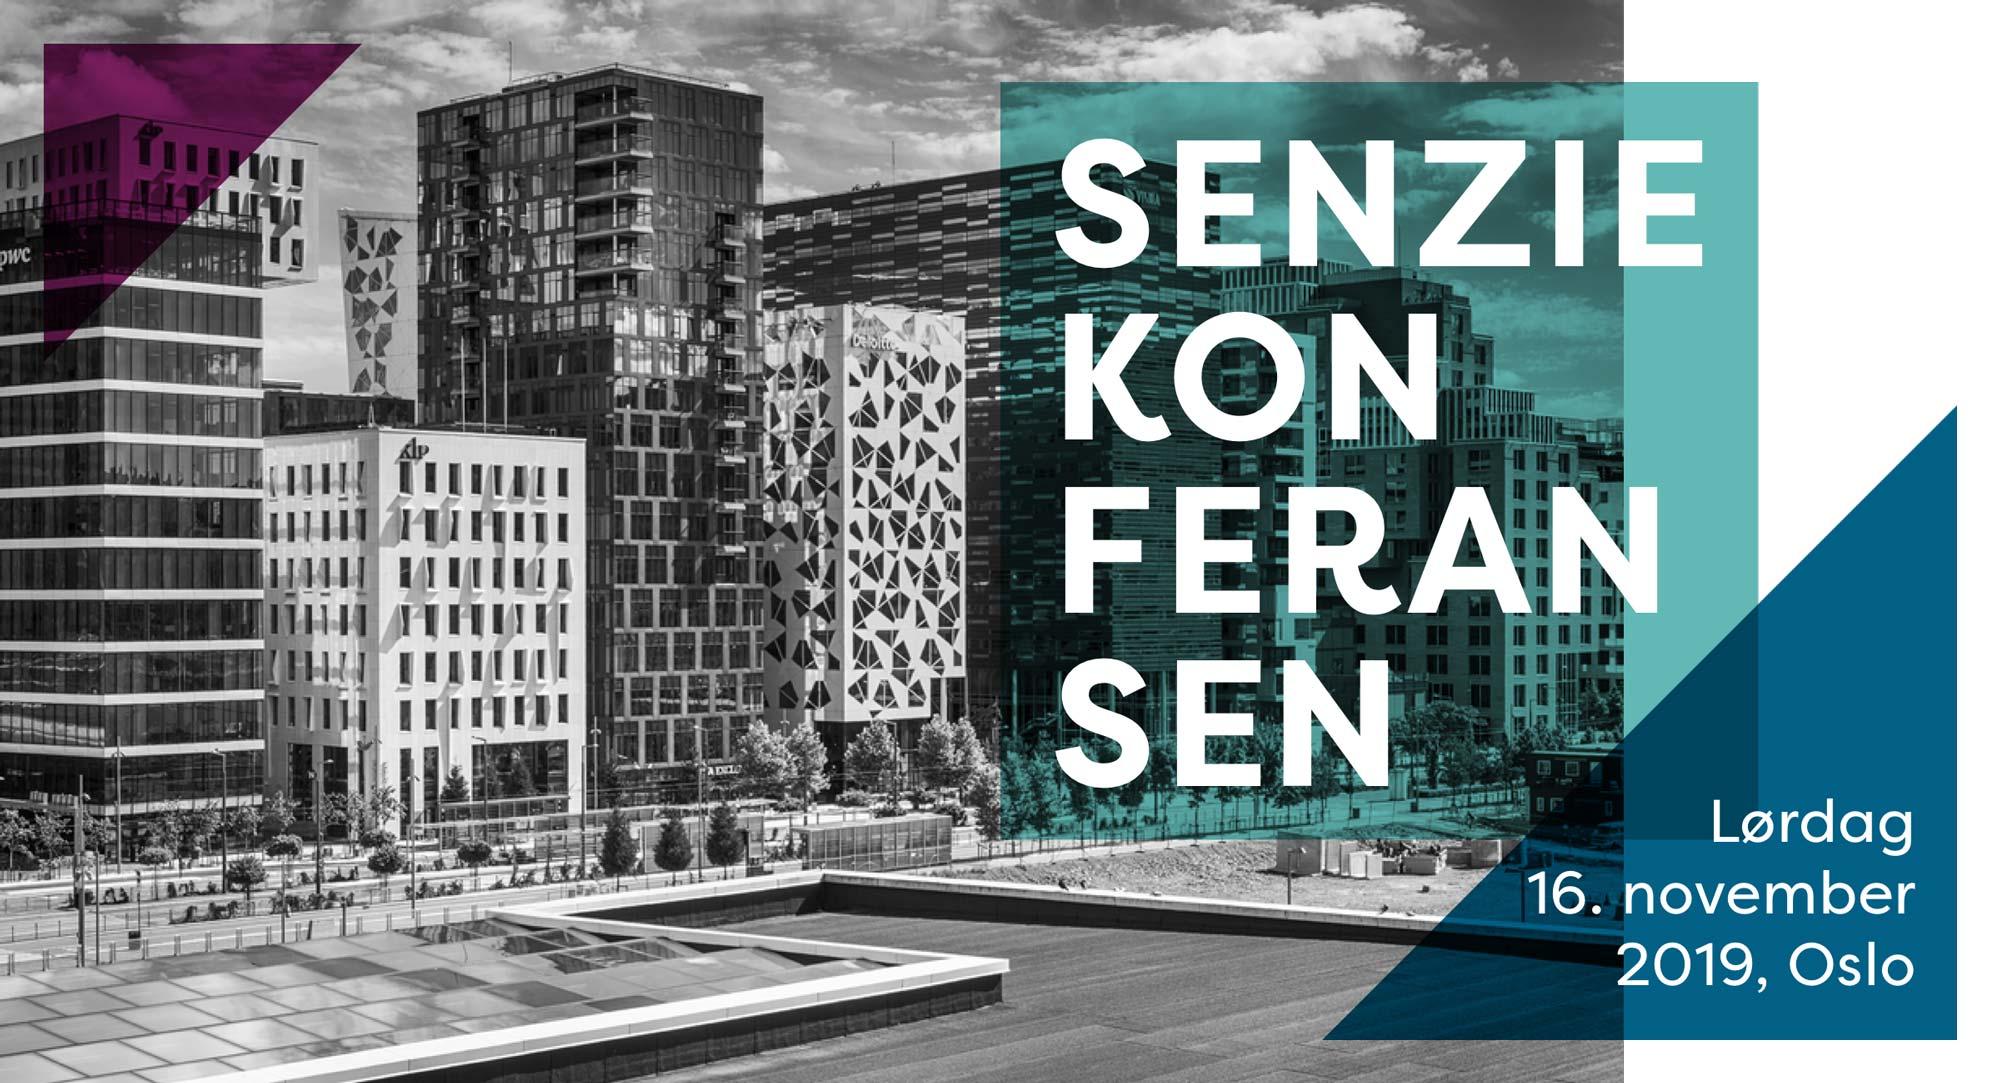 Senzie Konferansen 2019